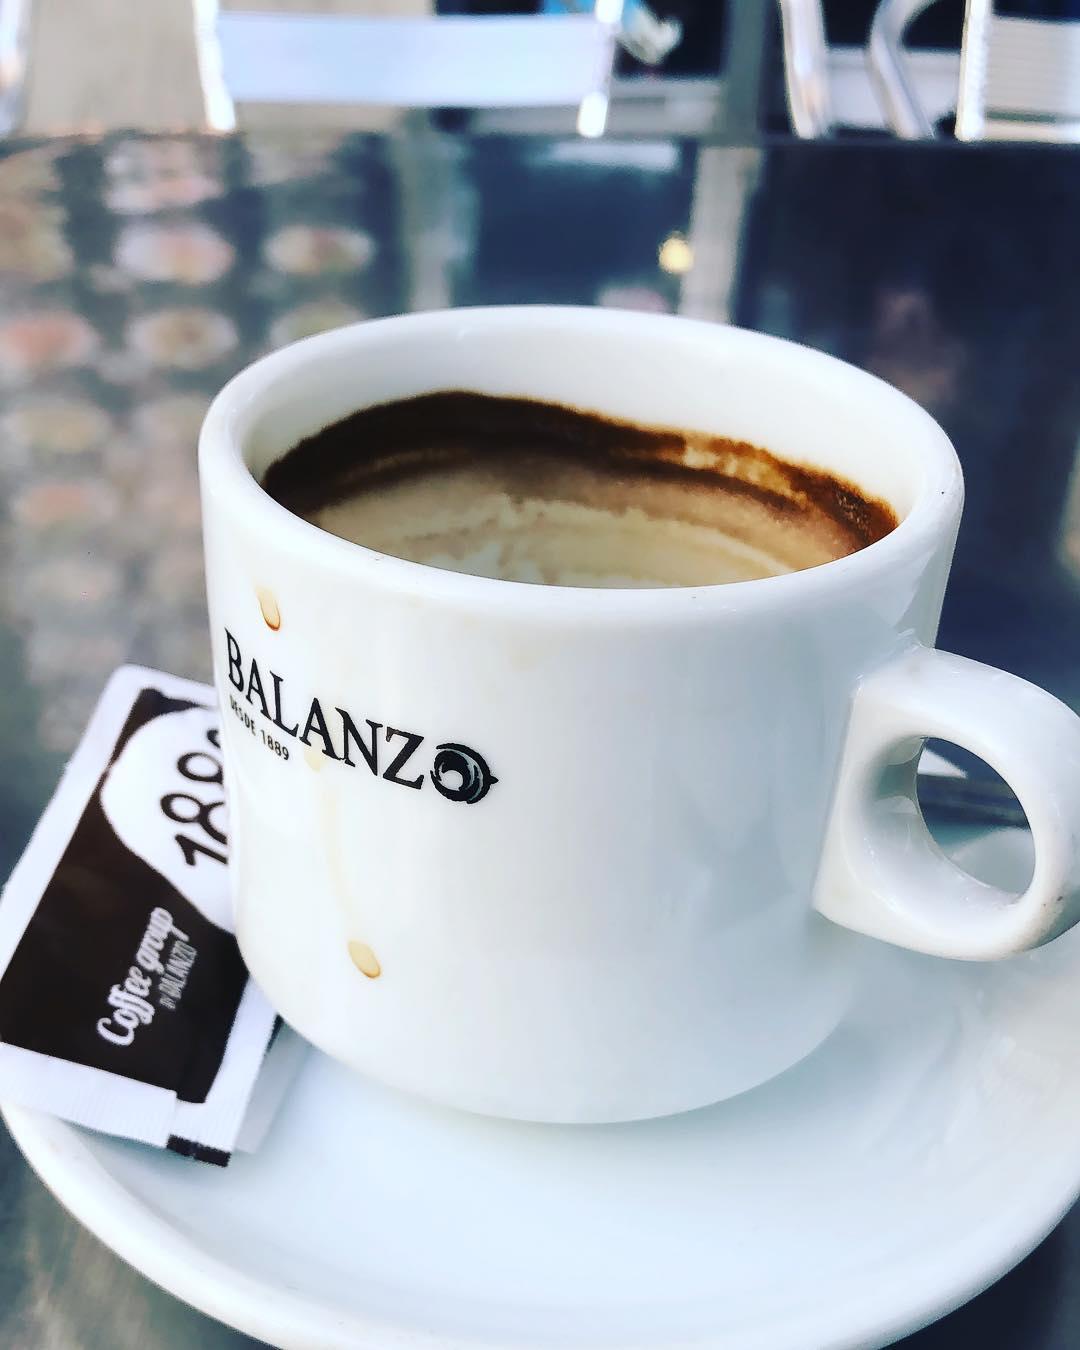 Un cafetito antes de escribir, o dos ;)) #coffee #addict #caffeine #yum #black #morning #bestcoffee #needcoffee #coffeeislove #coffeeislife #coffeegram #coffeelover #coffeeaddict #coffeetime #lattemug #coffeemug #onecupatatime #americano #instacoffee #expreso #amantedelcafe #instagood #coffeedate